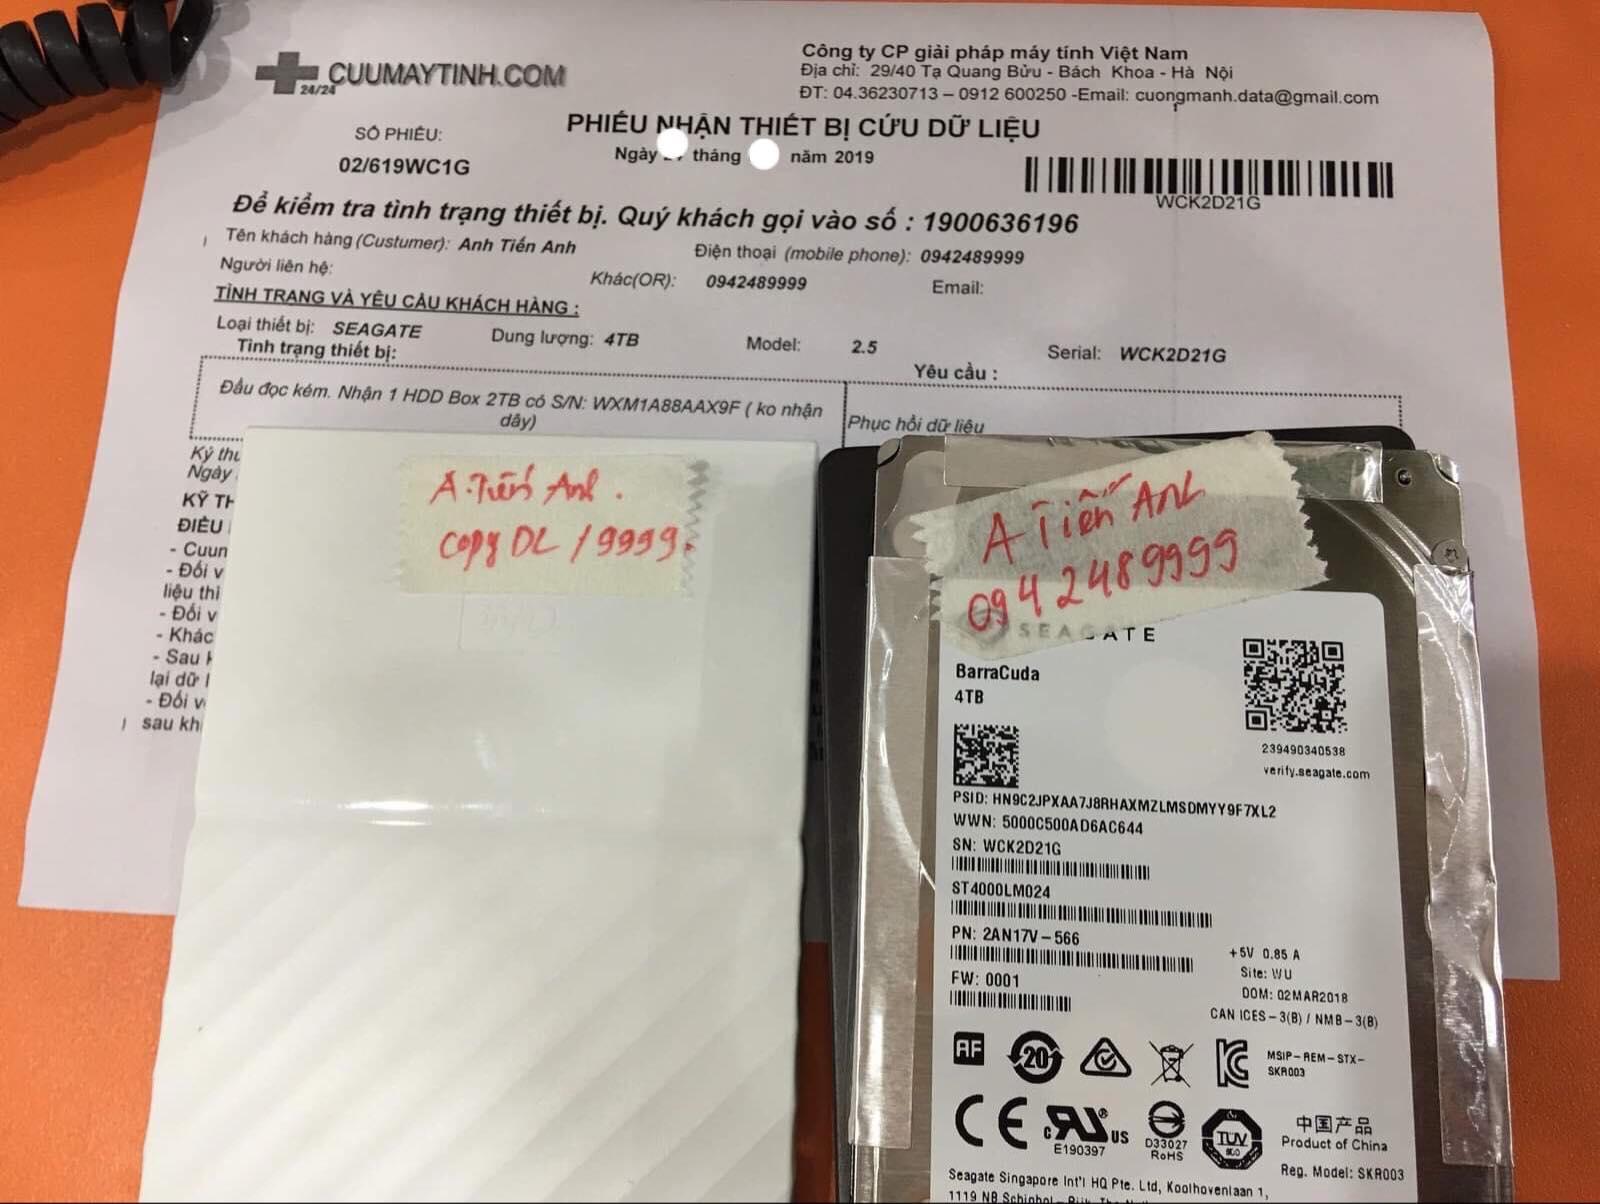 Cứu dữ liệu ổ cứng Seagate 4TB đầu đọc kém 01/07/2019 - cuumaytinh